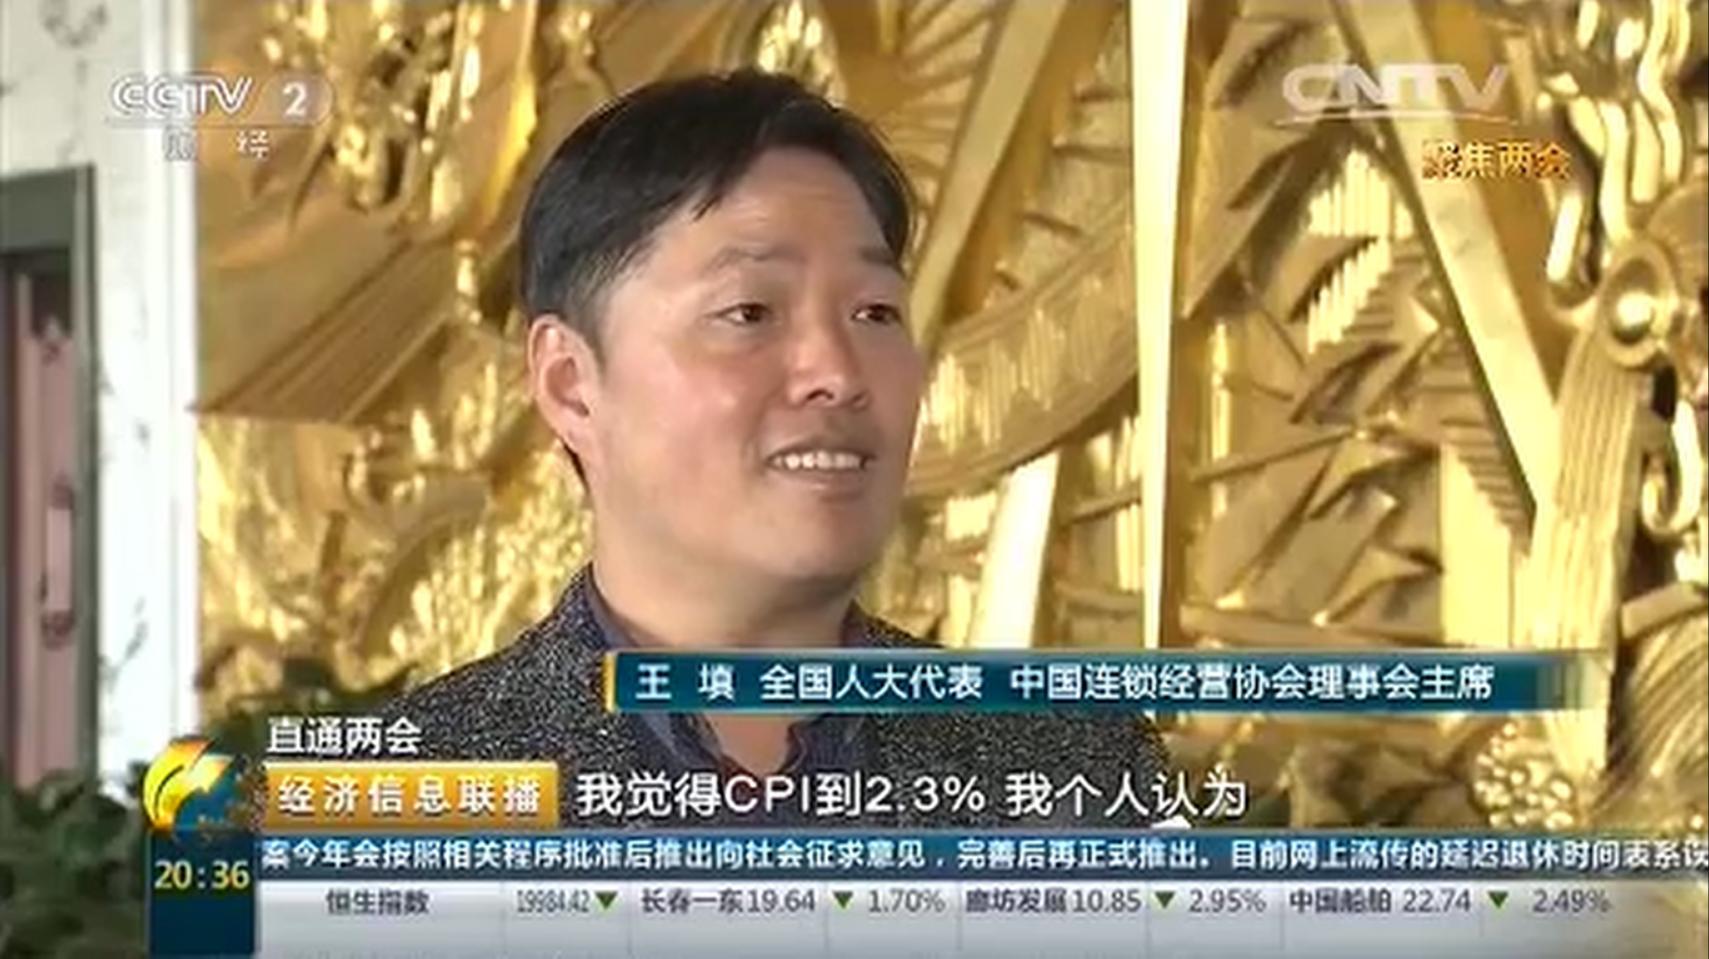 王填代表接受央视财经频道采访:CPI上涨说明经济回暖